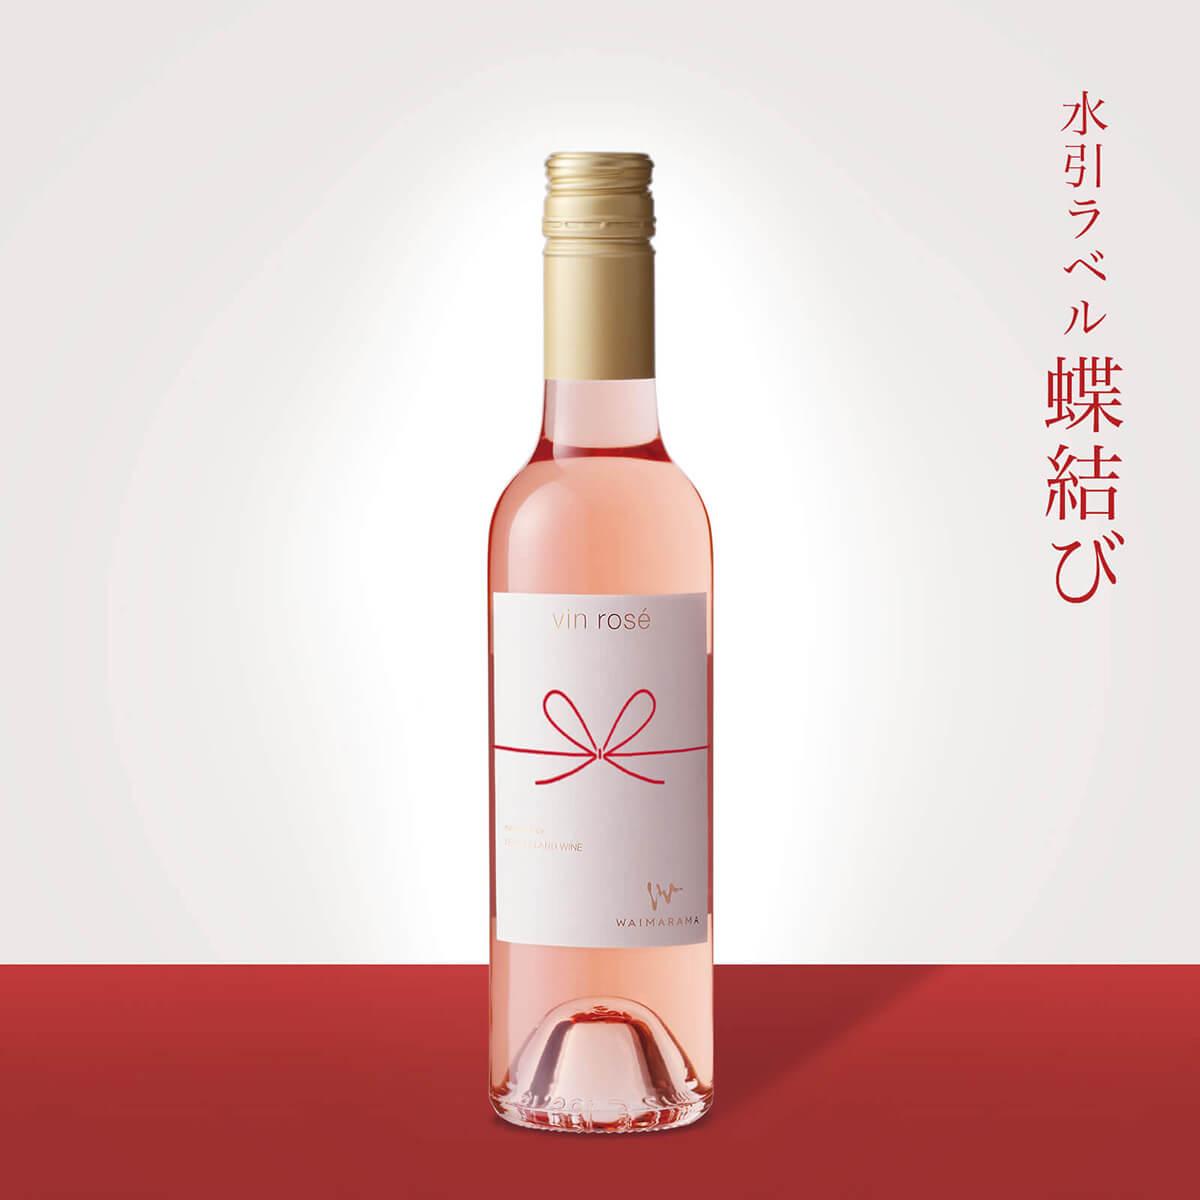 画像1: vin rose 2020 ハーフ375ml【蝶結び】 (1)